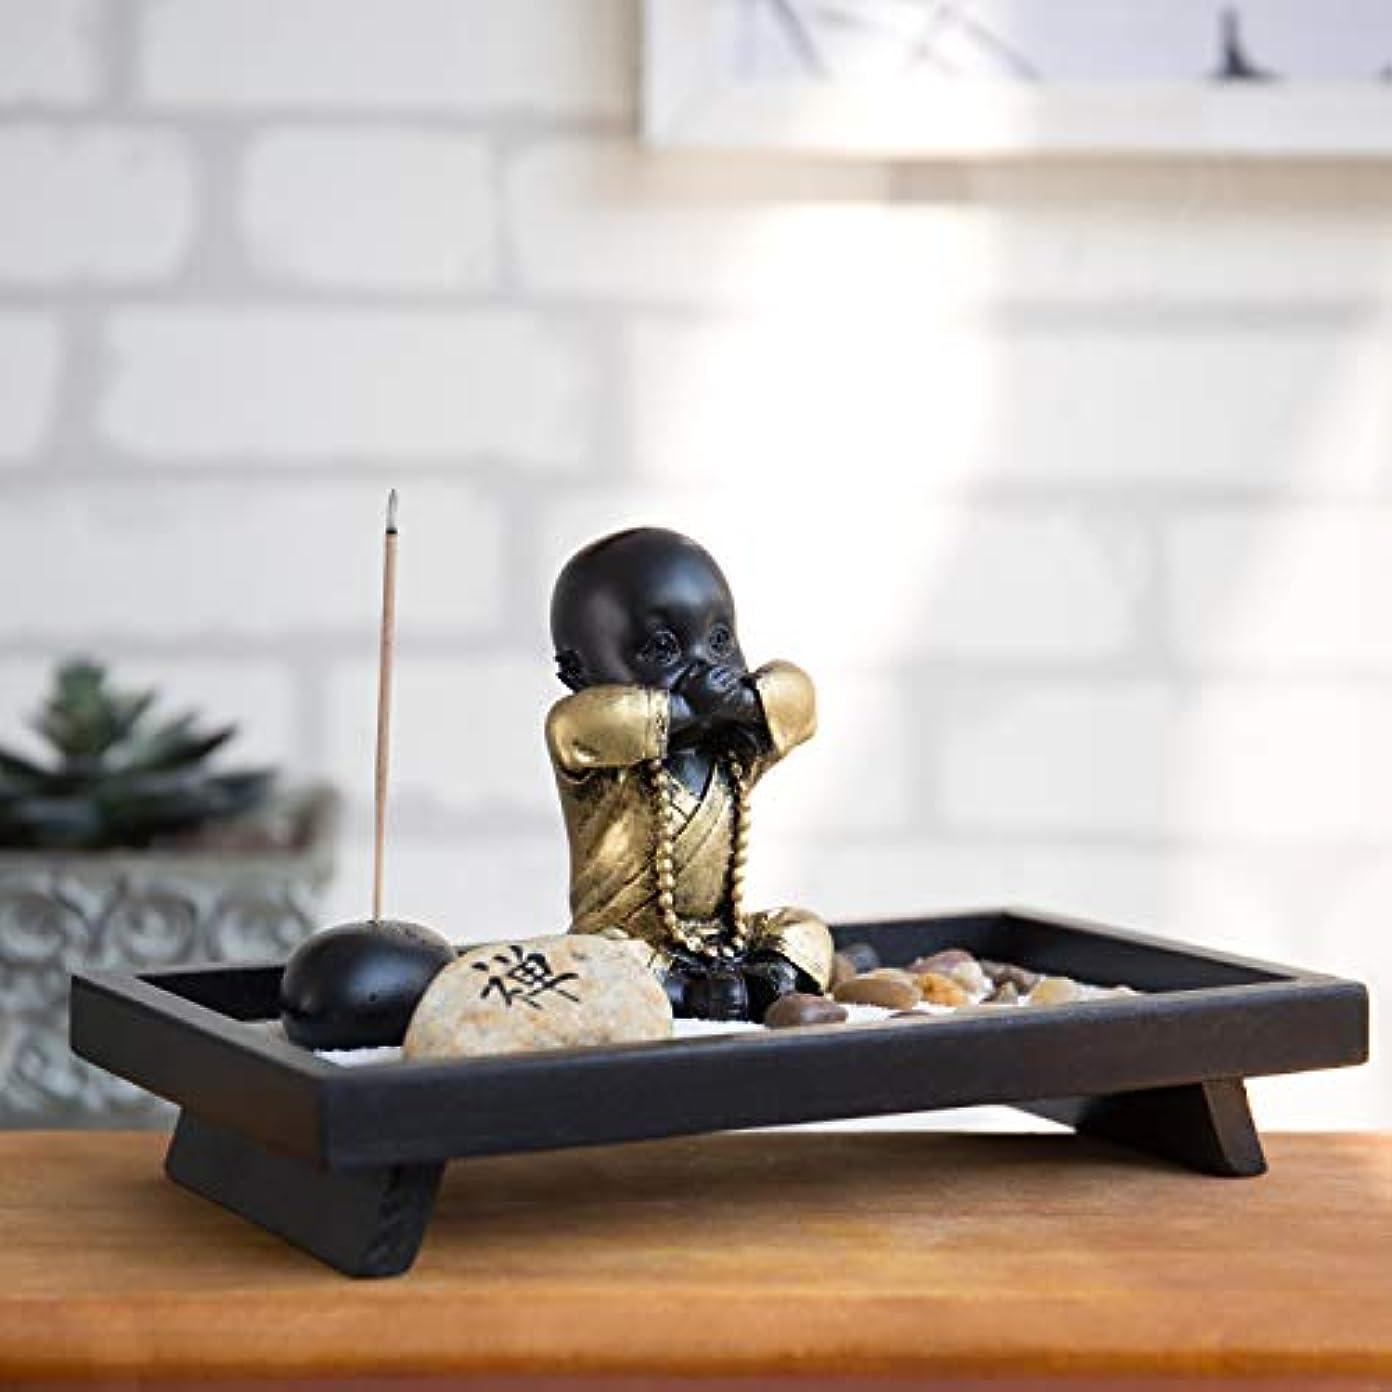 クレデンシャル発疹木曜日MyGift 仏像とお香立て付き卓上禅の庭